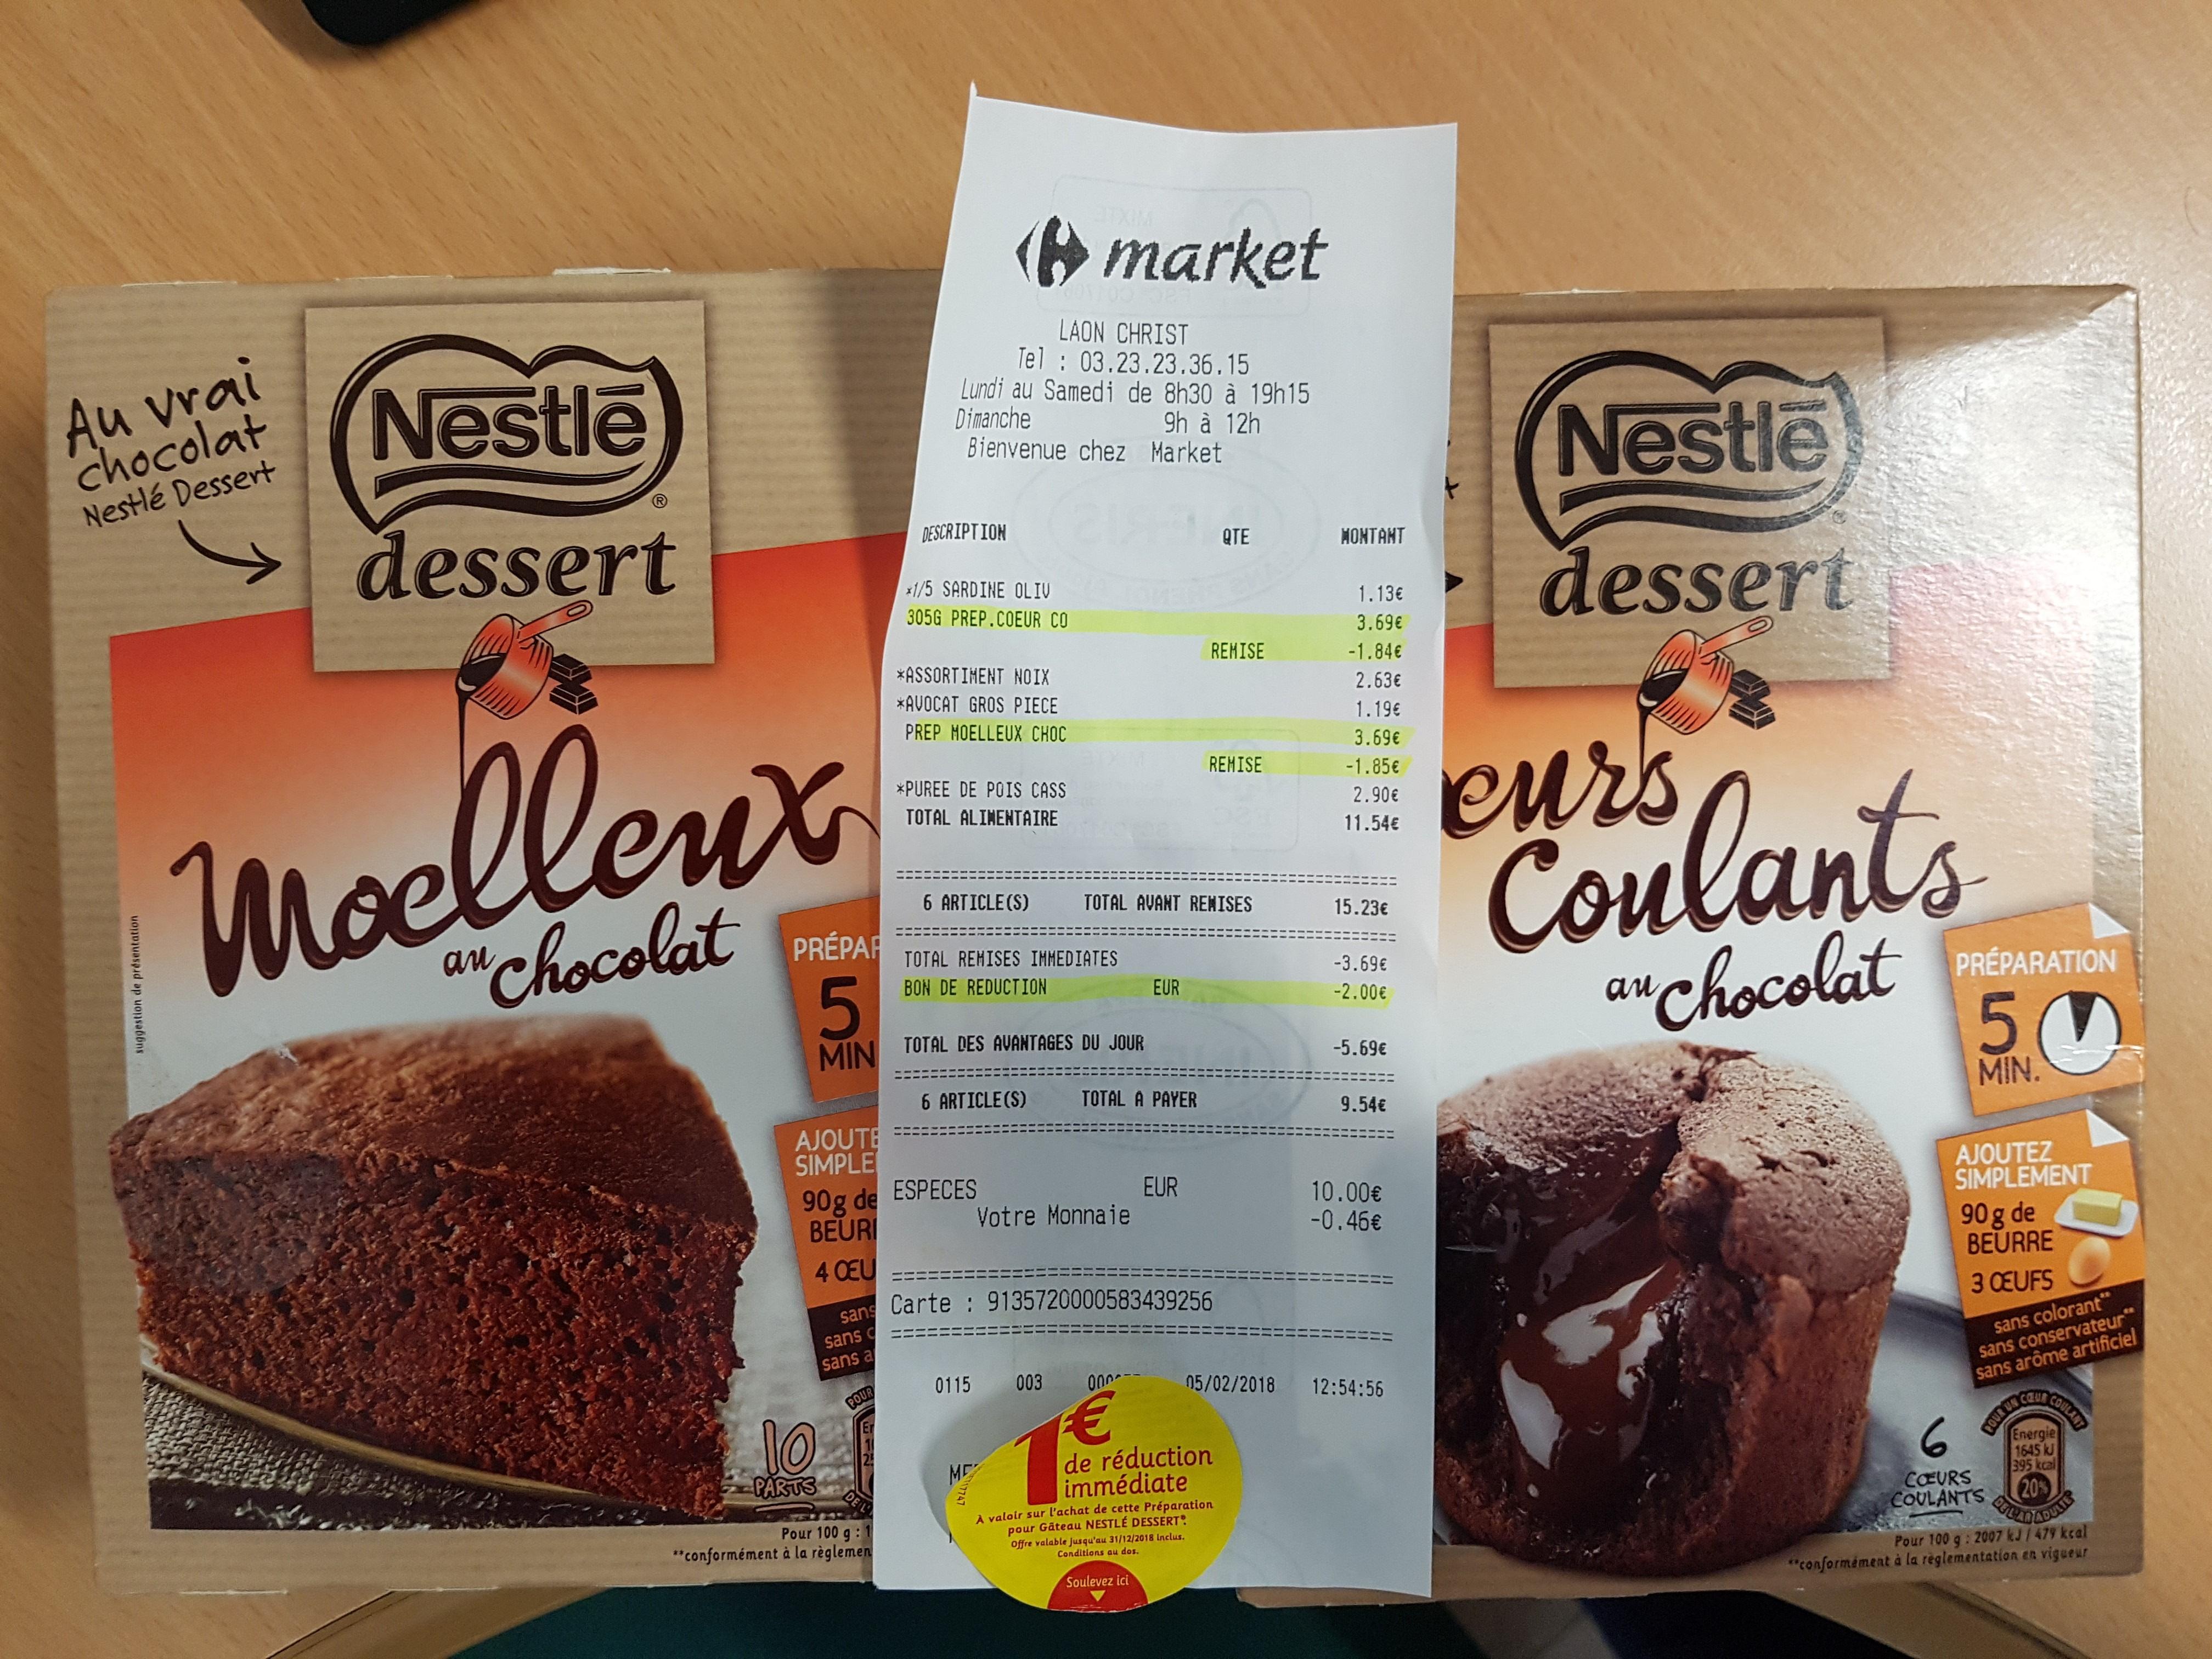 Préparation pour gâteau Nestlé Dessert Moelleux au Chocolat (via BDR) au Carrefour Market Laon (02)